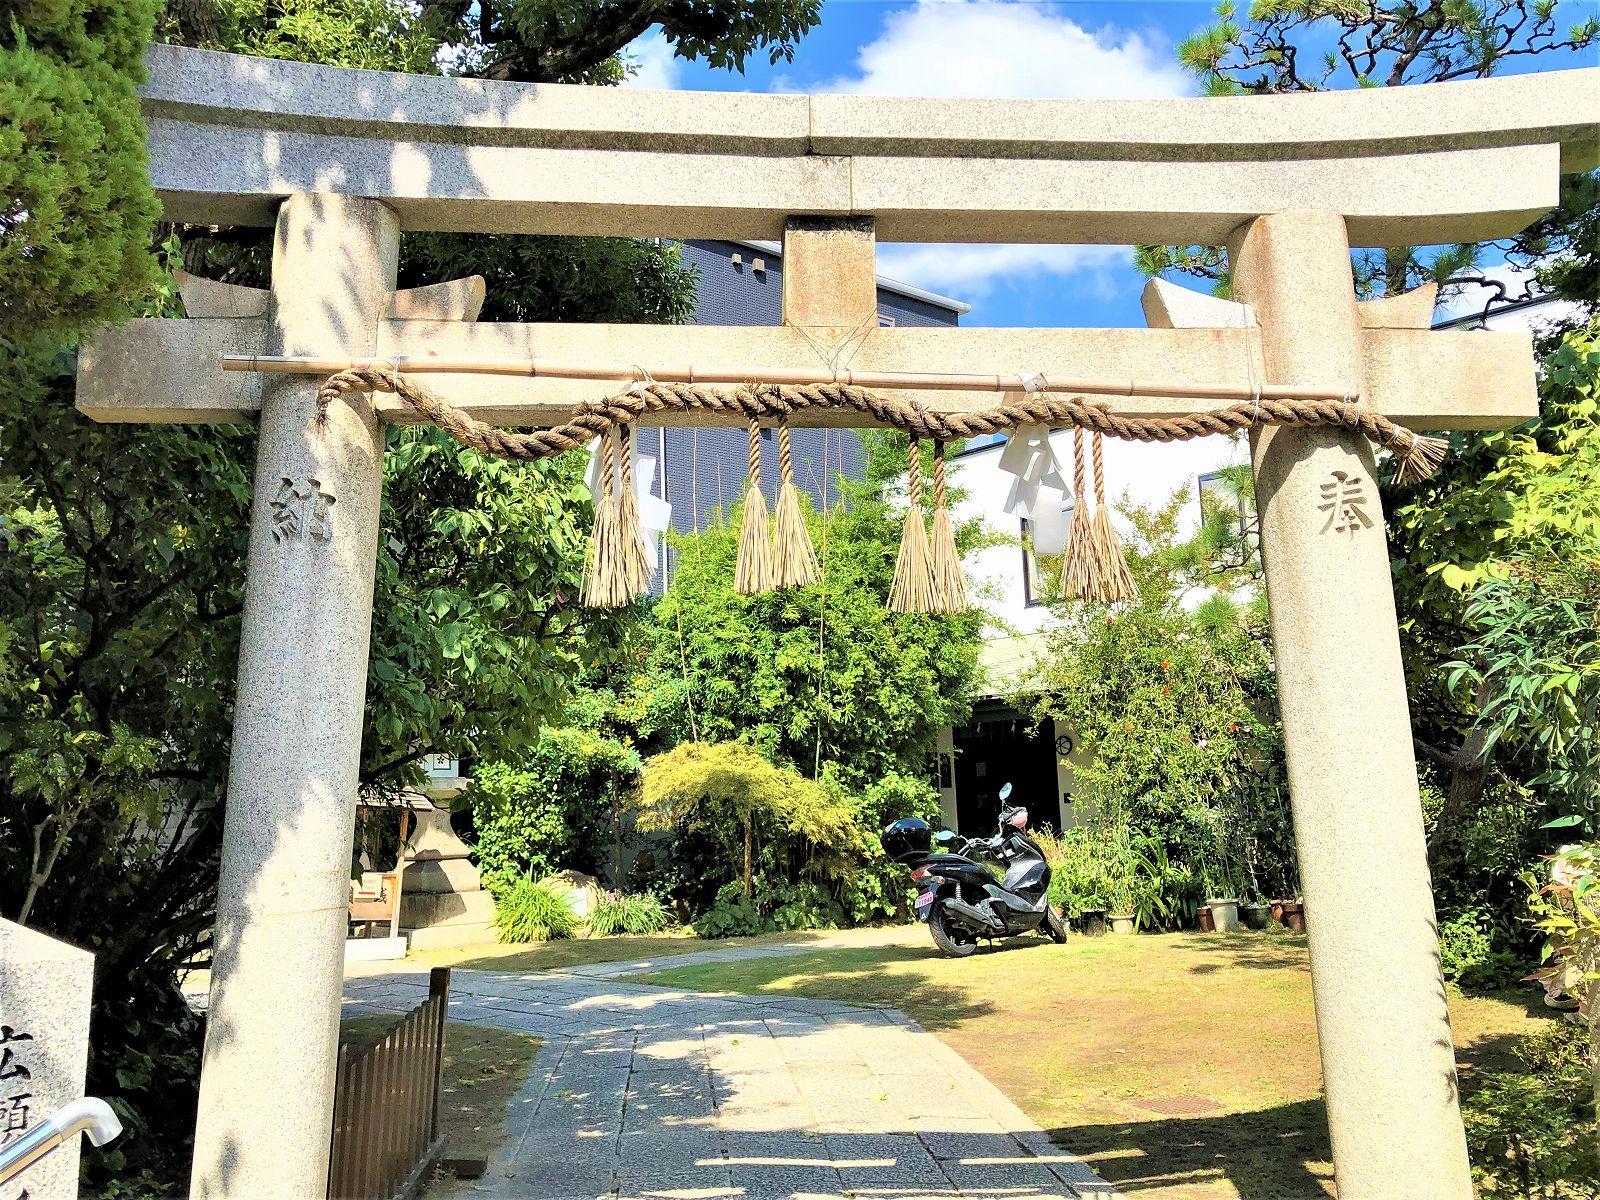 ~神戸八社巡り~由緒ある「一宮神社」にお参りし、「一の宮をえがく」展を観てきた! #神戸観光 #一宮神社 #一の宮をえがく #西田眞人 #神戸ゆかりの美術館 #神戸八社巡り